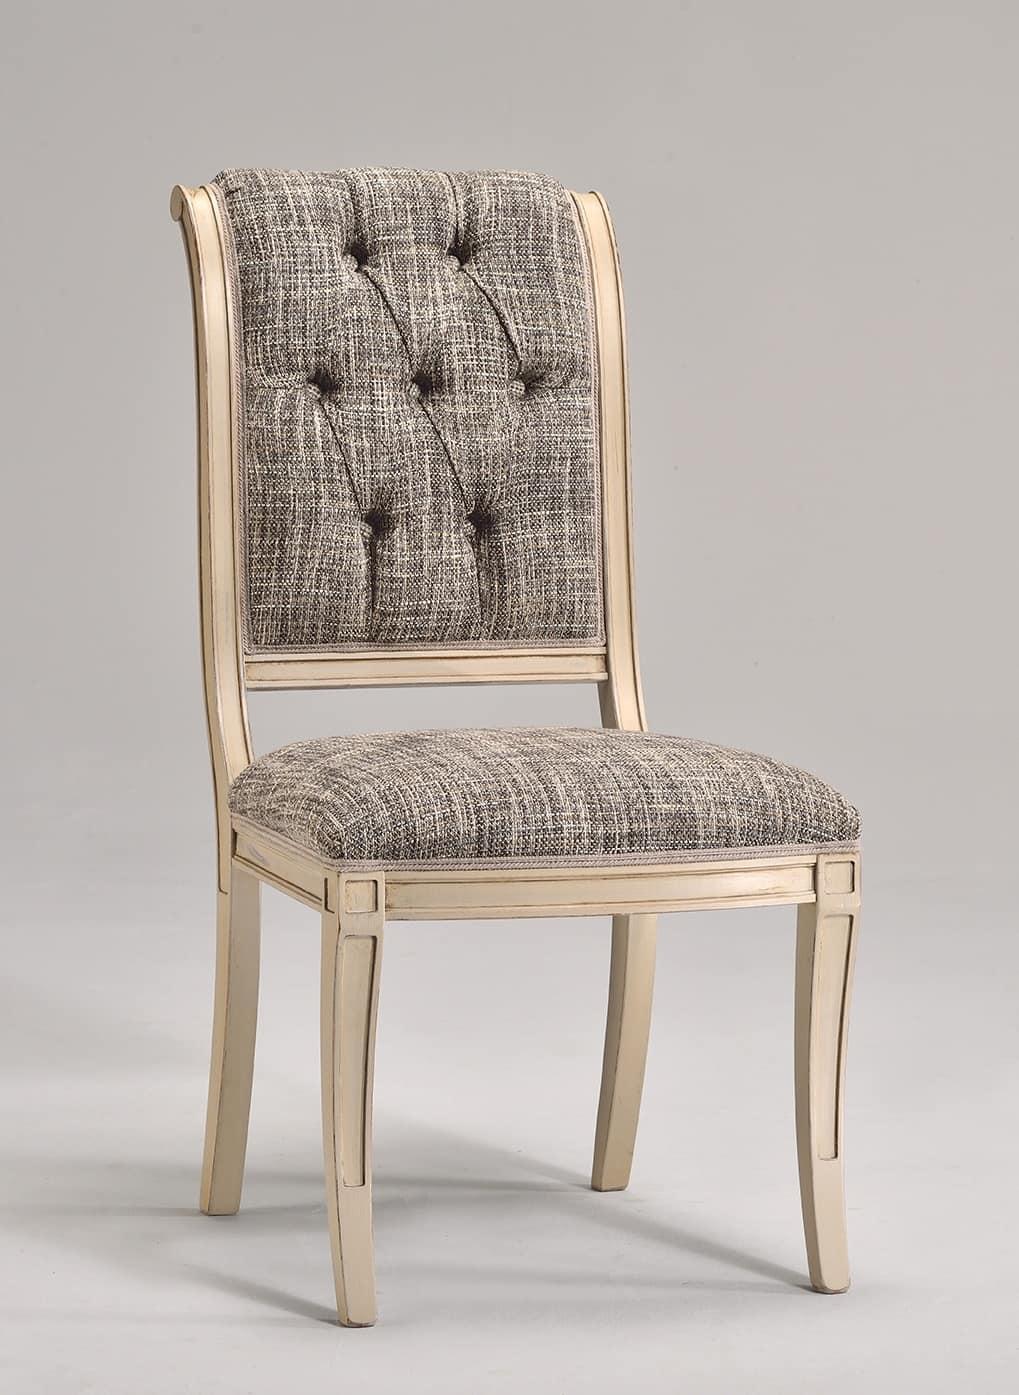 Sedia da pranzo in legno di faggio vari tessuti idfdesign for Sedia antica con braccioli